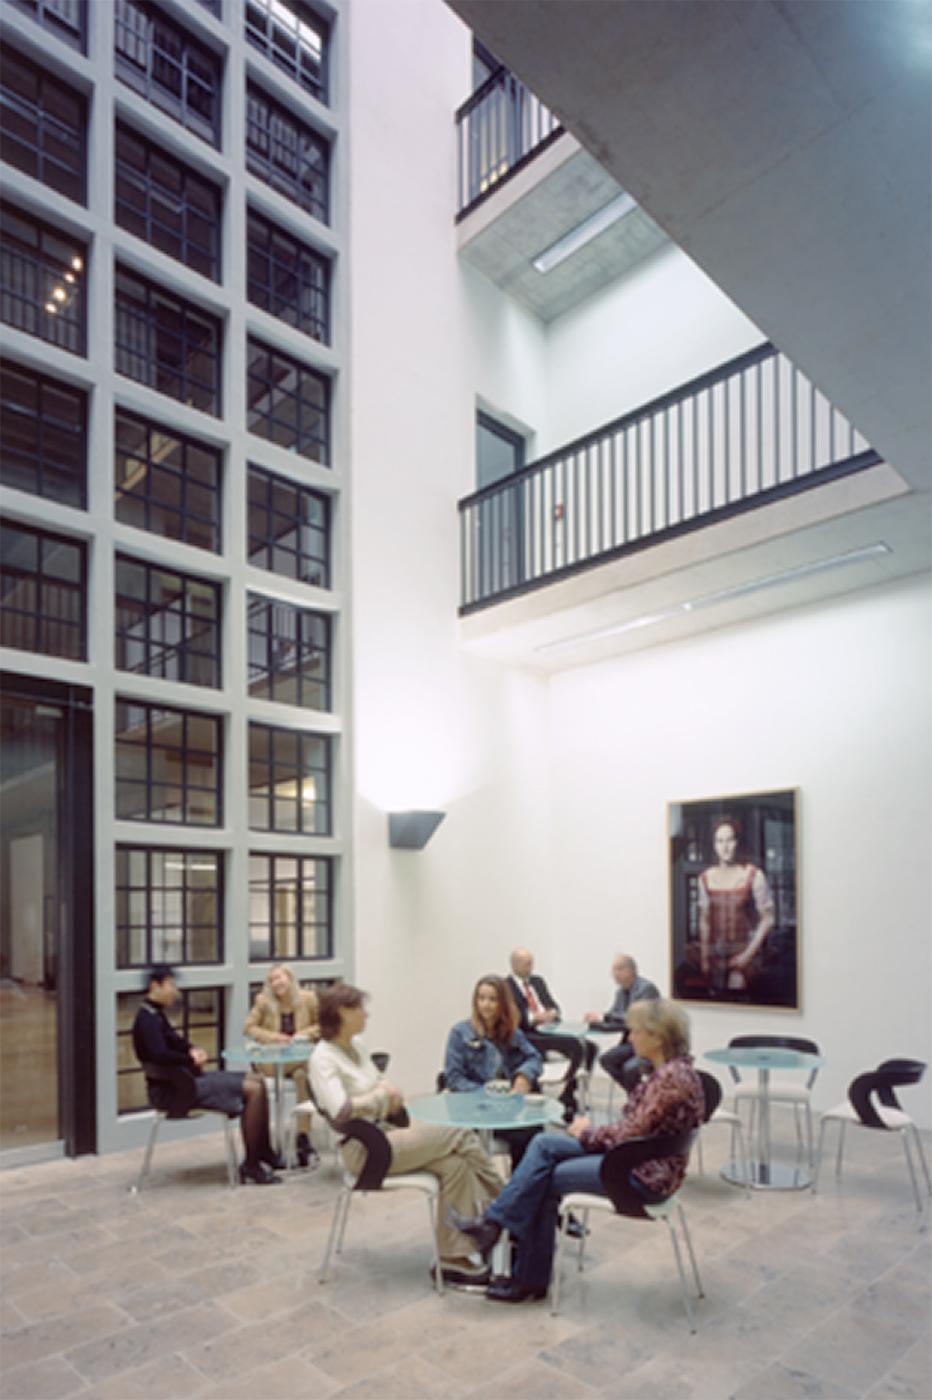 Milchhof Haus für Kultur und Kommerz Halle